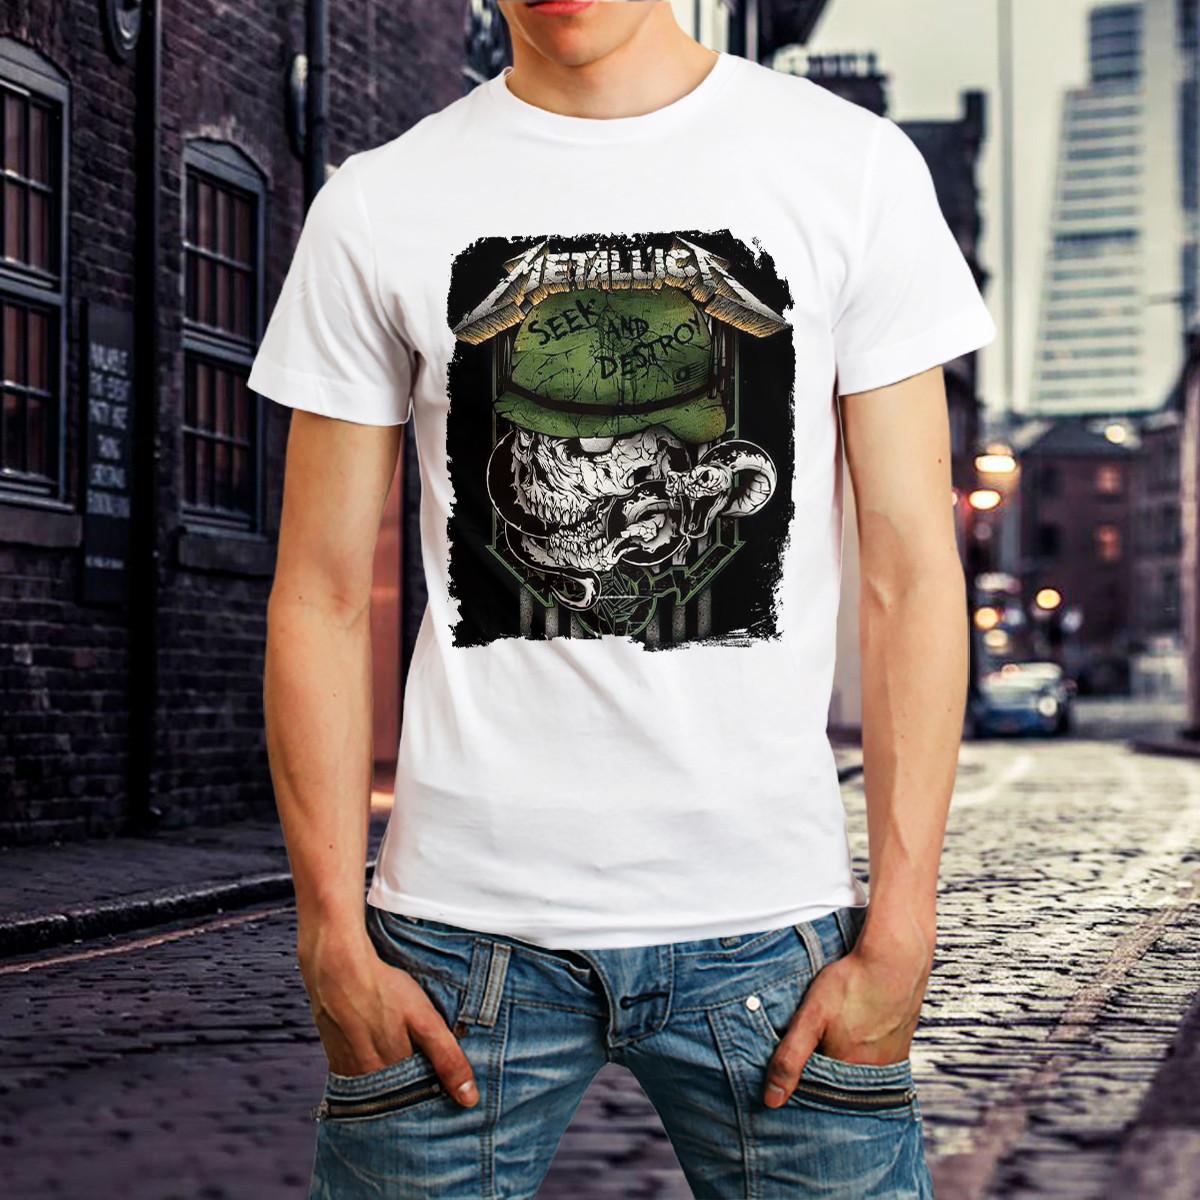 cebf8a46e7a Camiseta Metallica Seek Destroy - Bandas De Rock Camisa Rock no Elo7 ...